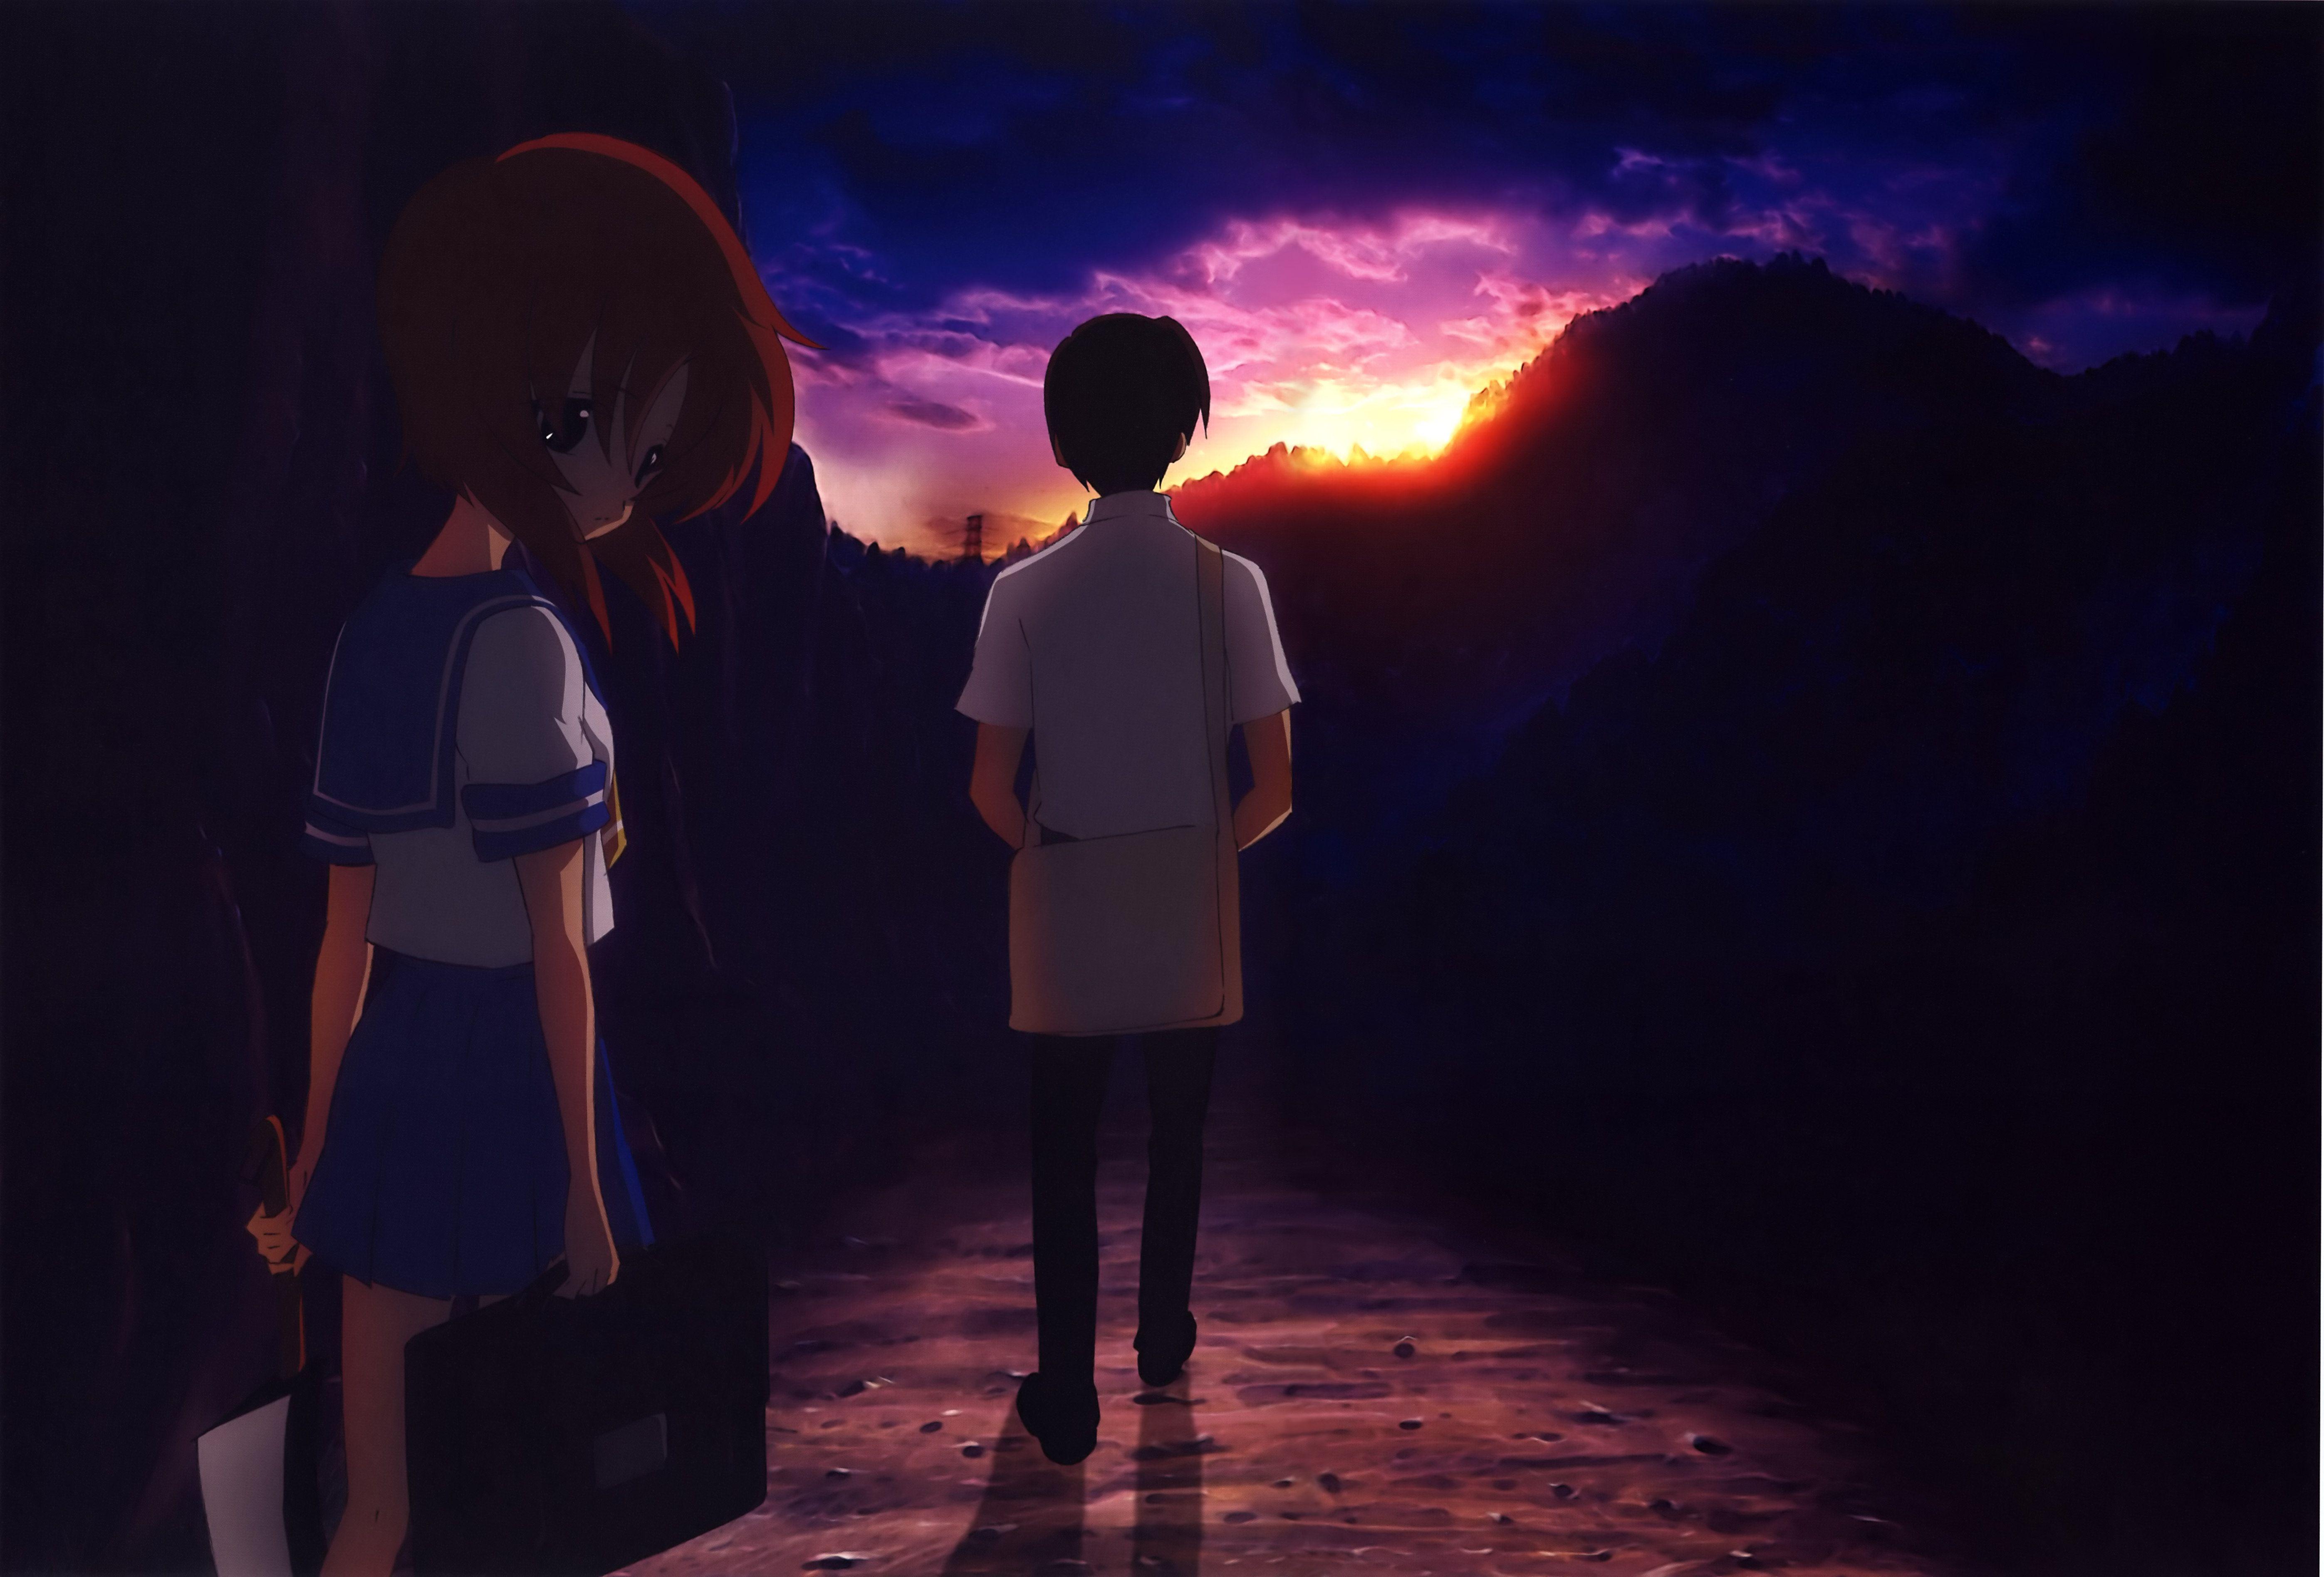 Higurashi no Naku Koro ni Wallpaper Higurashi no Naku Koro ni